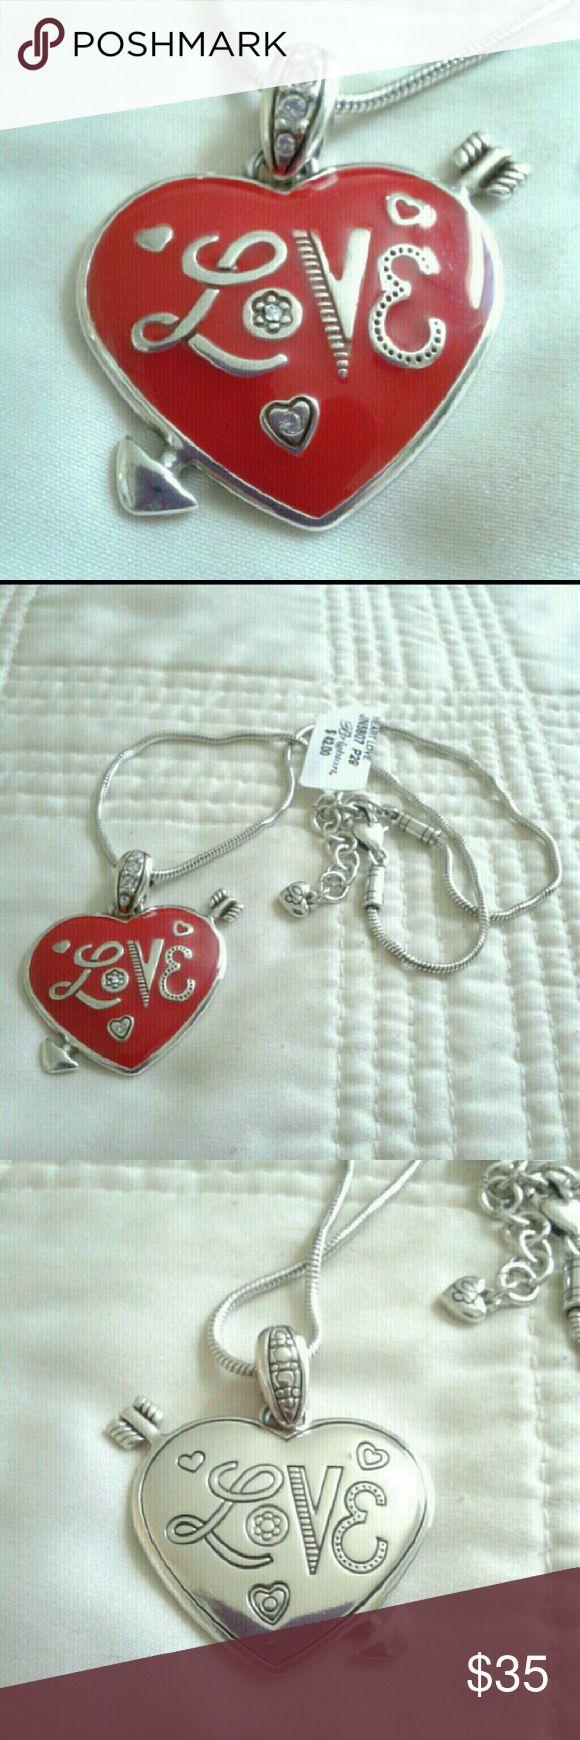 New Brighton Love Heart Necklace New Brighton Love Heart Necklace Brighton  Jewelry Necklaces